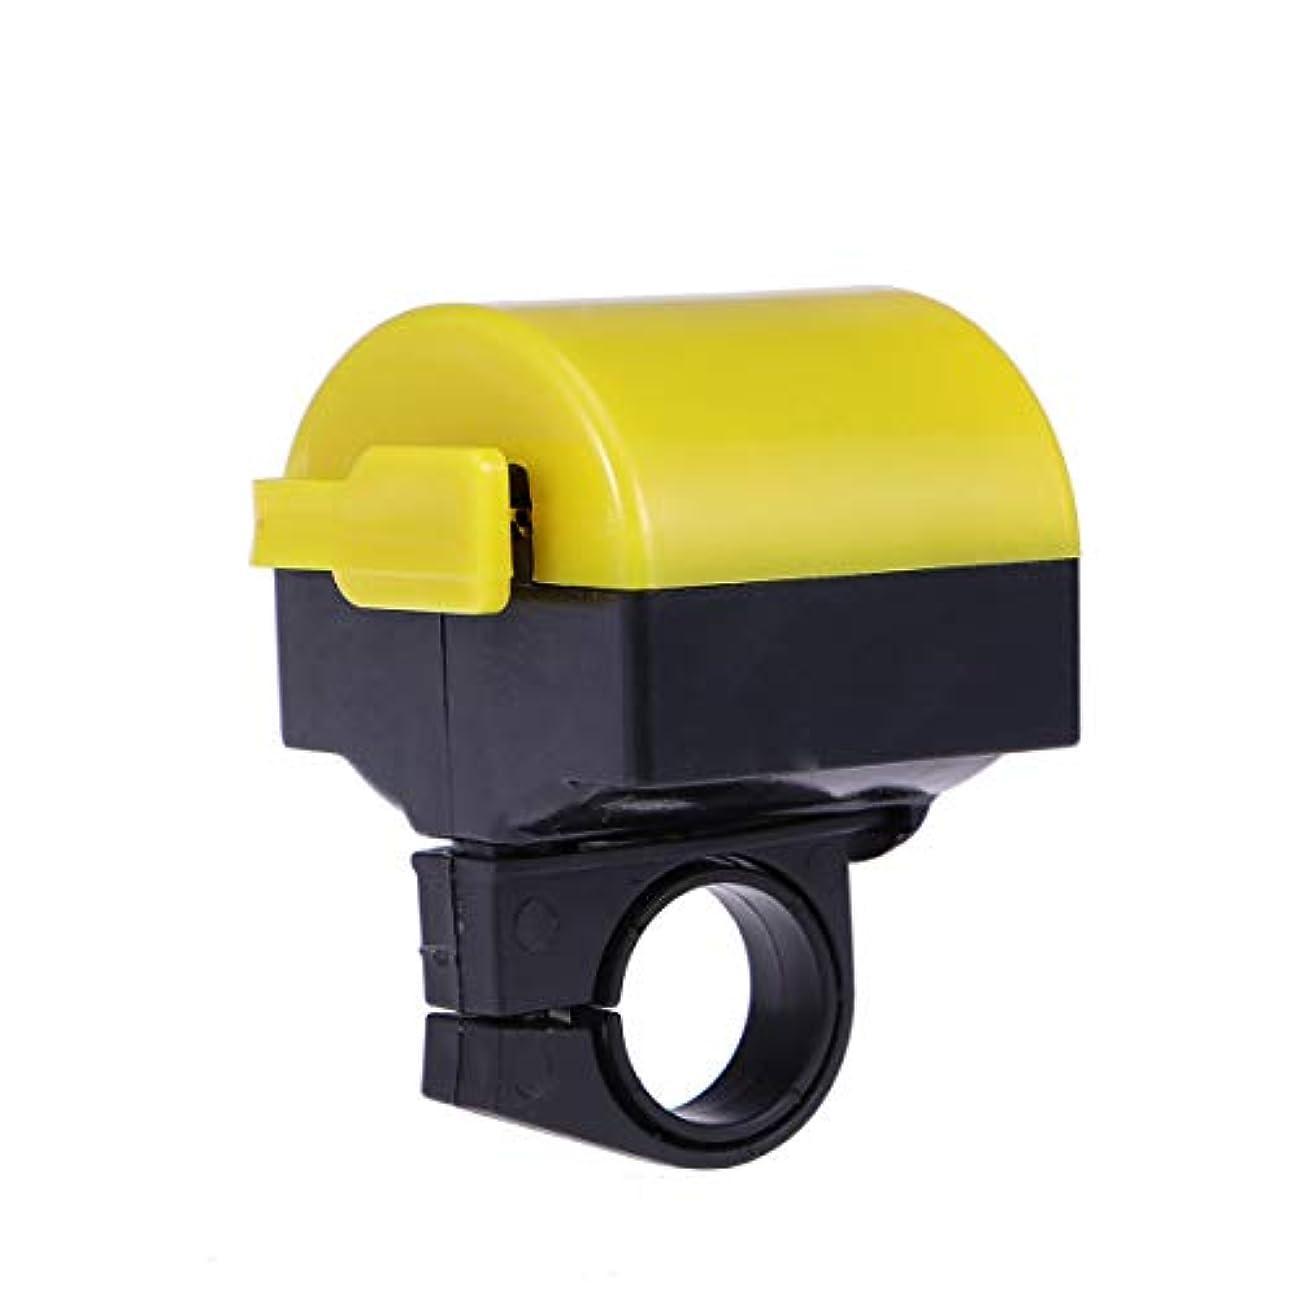 バウンス大砲闇LIOOBO 自転車ベル自転車ホーンサイクリングホーン90 DB自転車自転車ハンドルバーリング安全防水バッテリーなし(黄色)